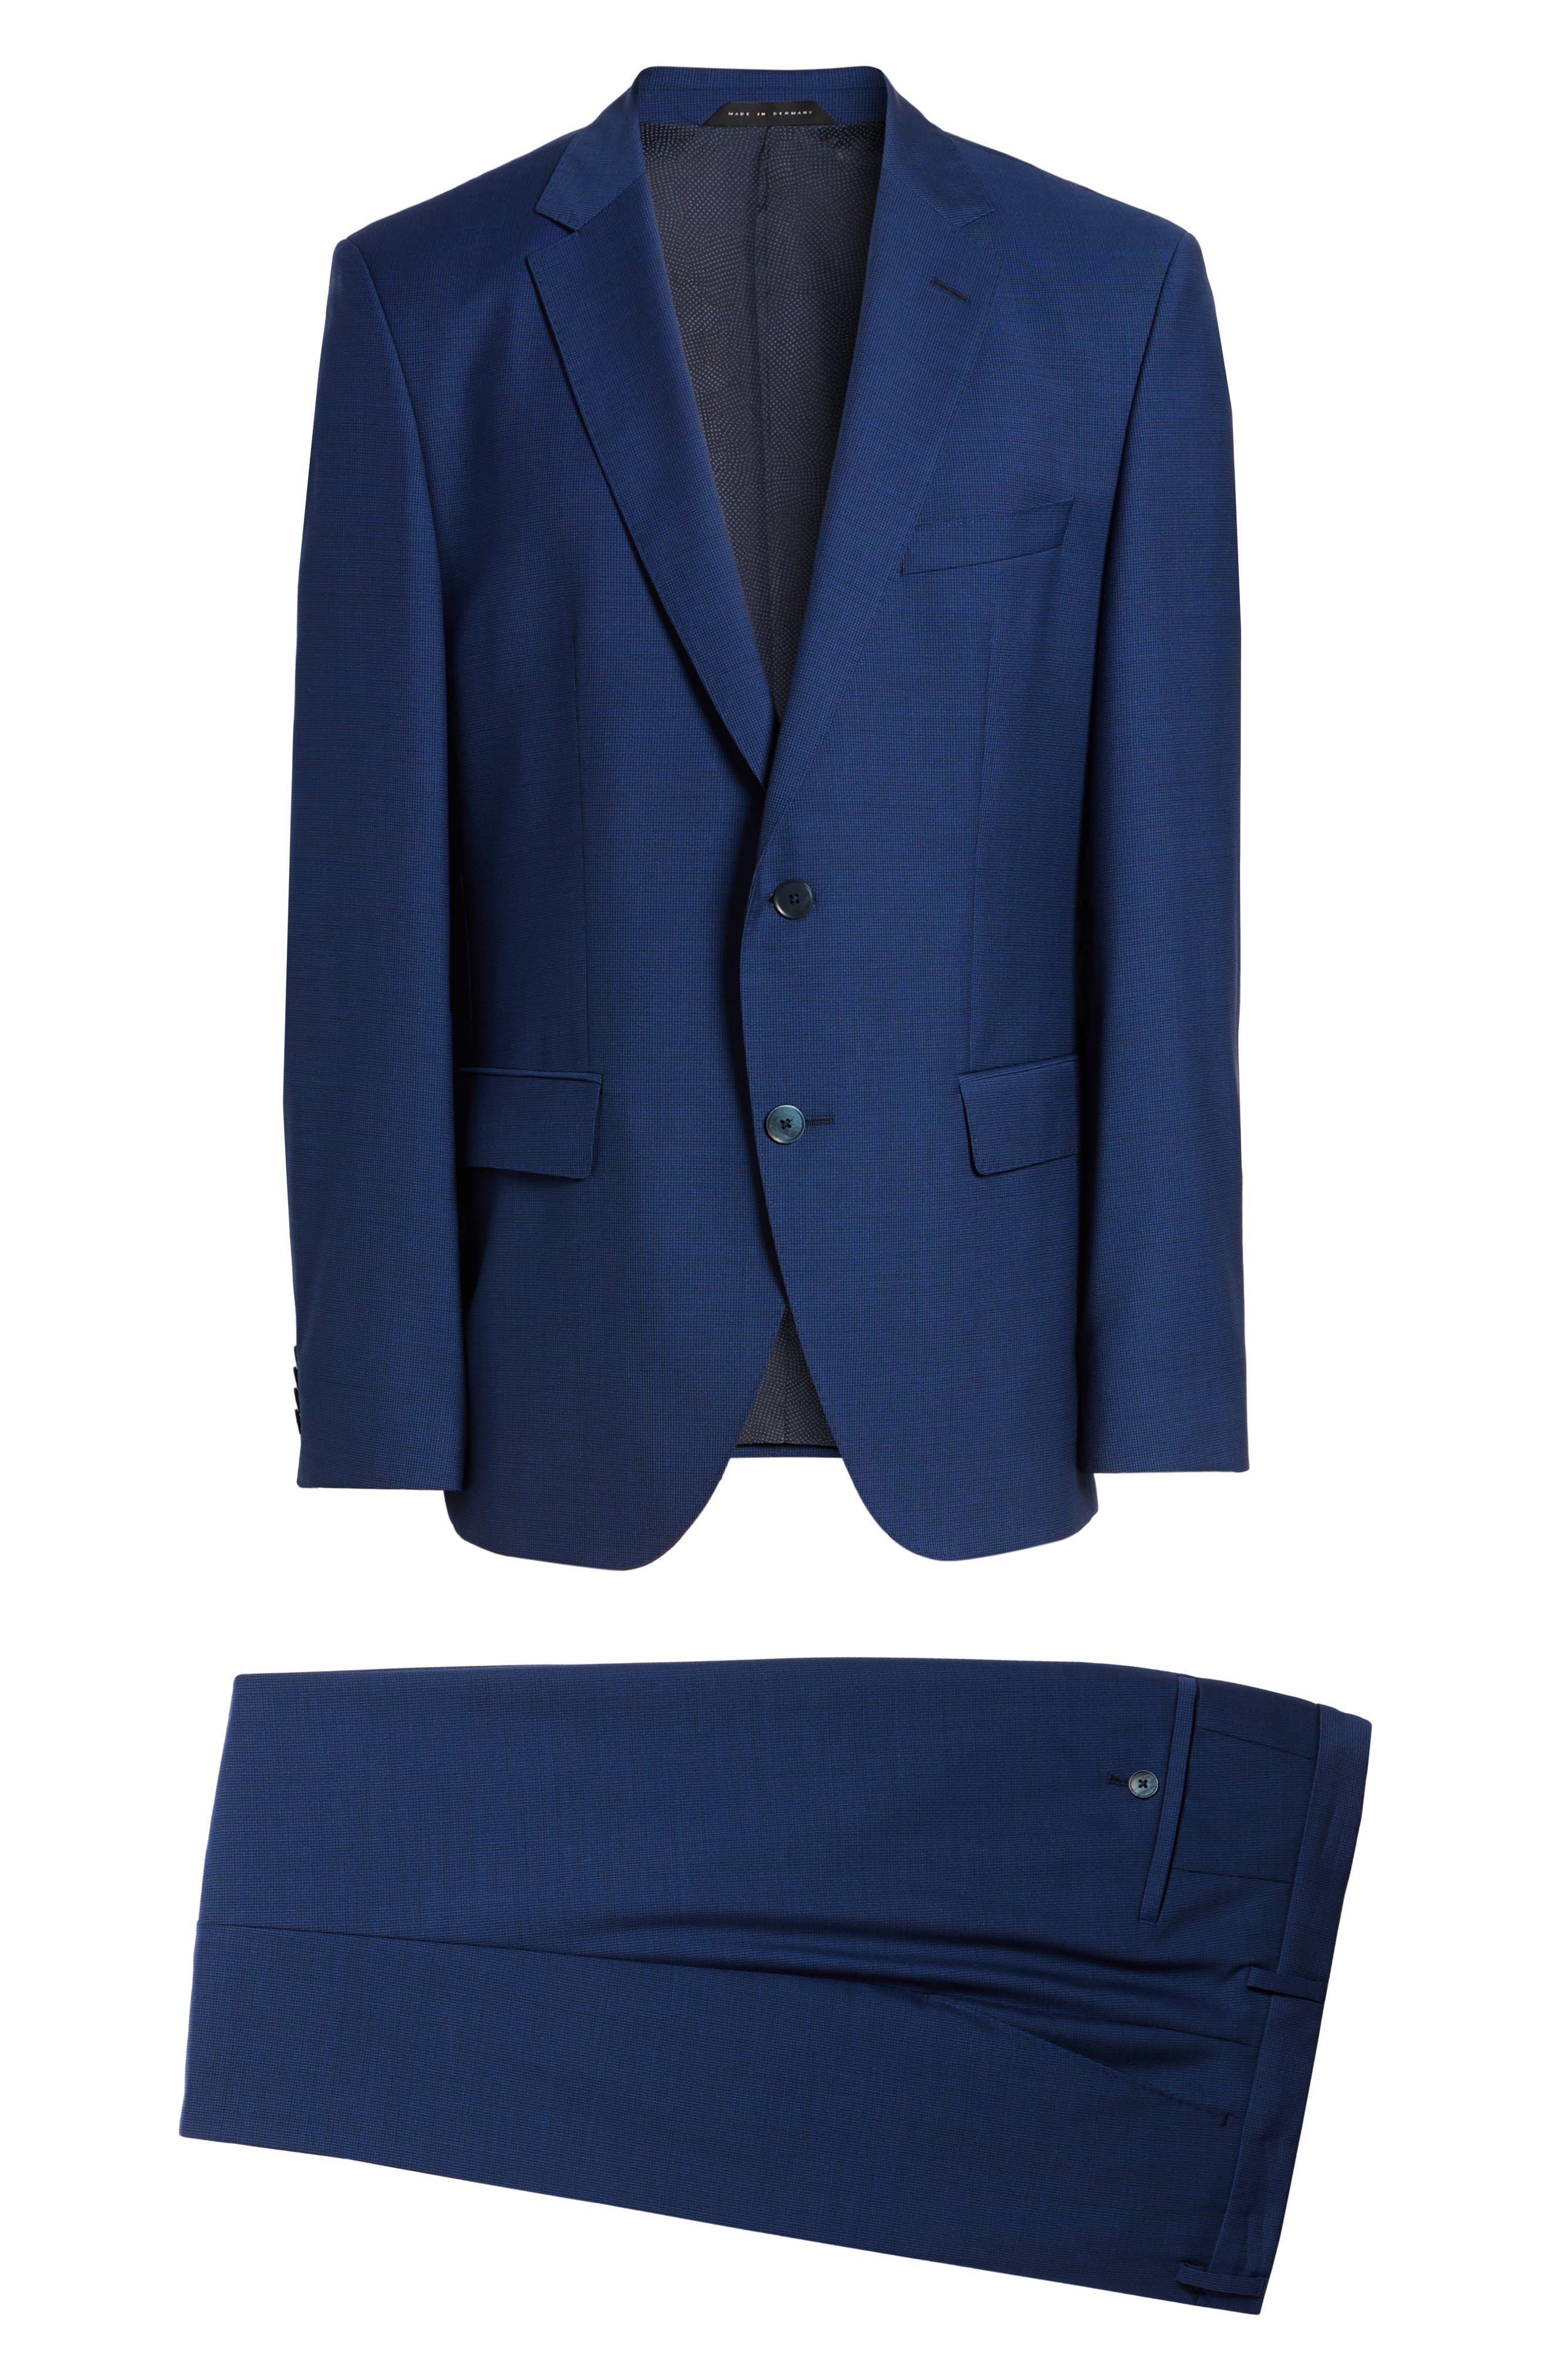 Trim Fit Solid Wool Suit,                             Alternate thumbnail 8, color,                             430